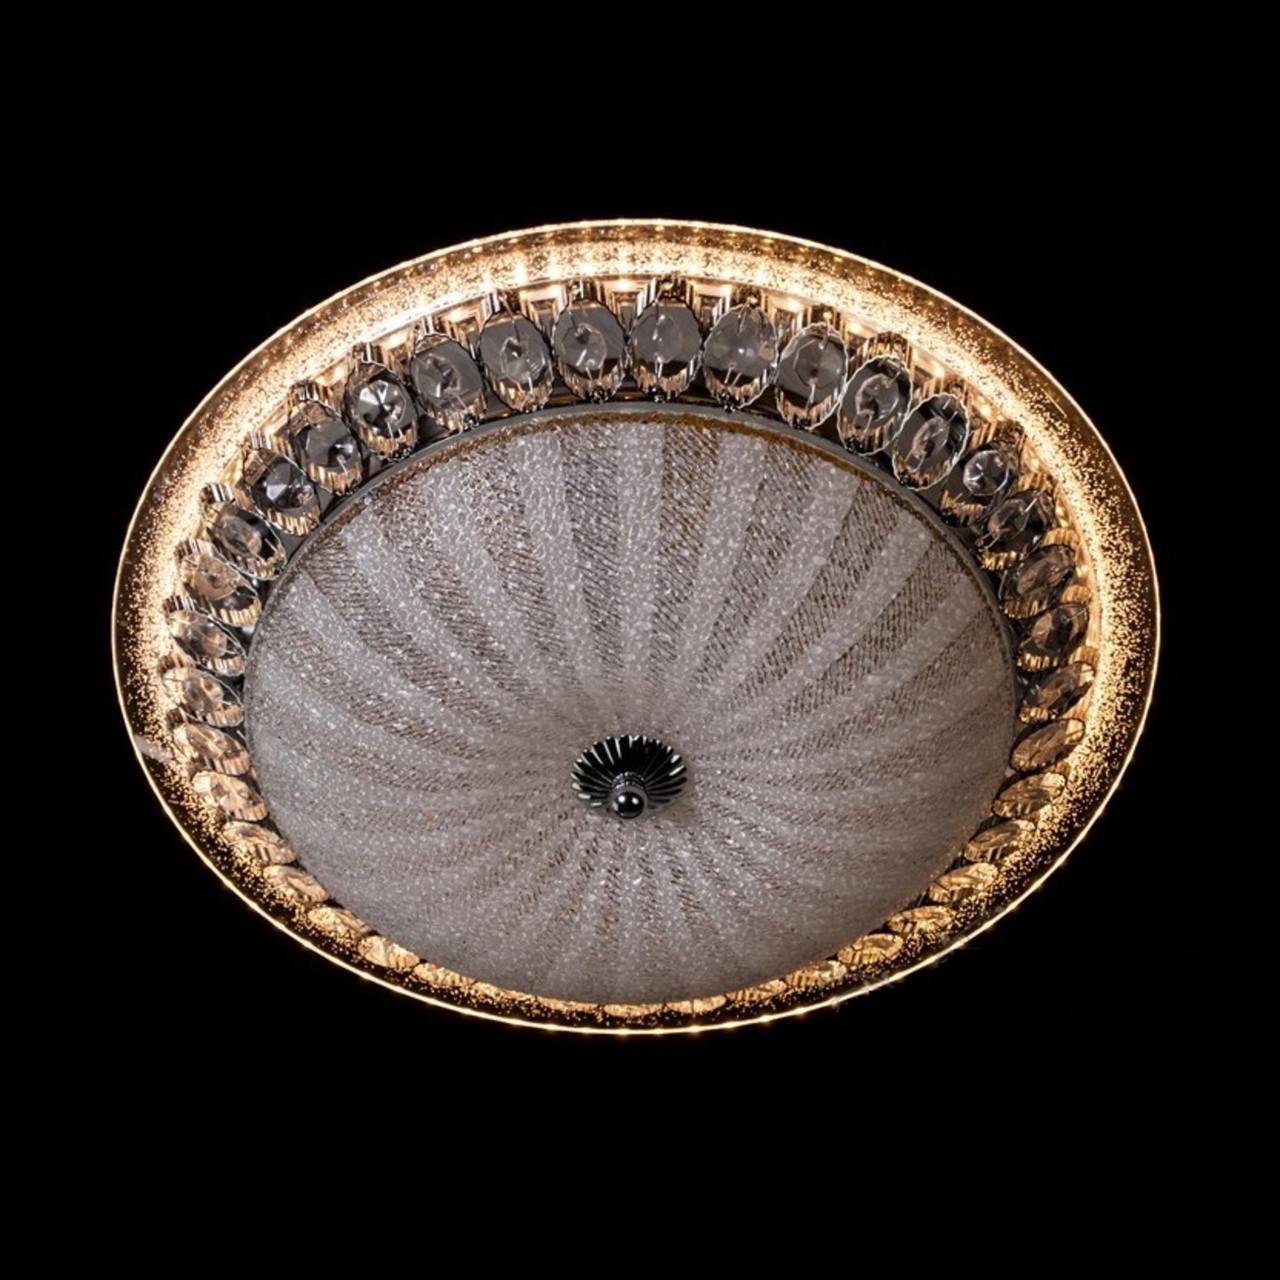 Люстра классическая, хай-тек, (Внимание в наличии только серебро!)